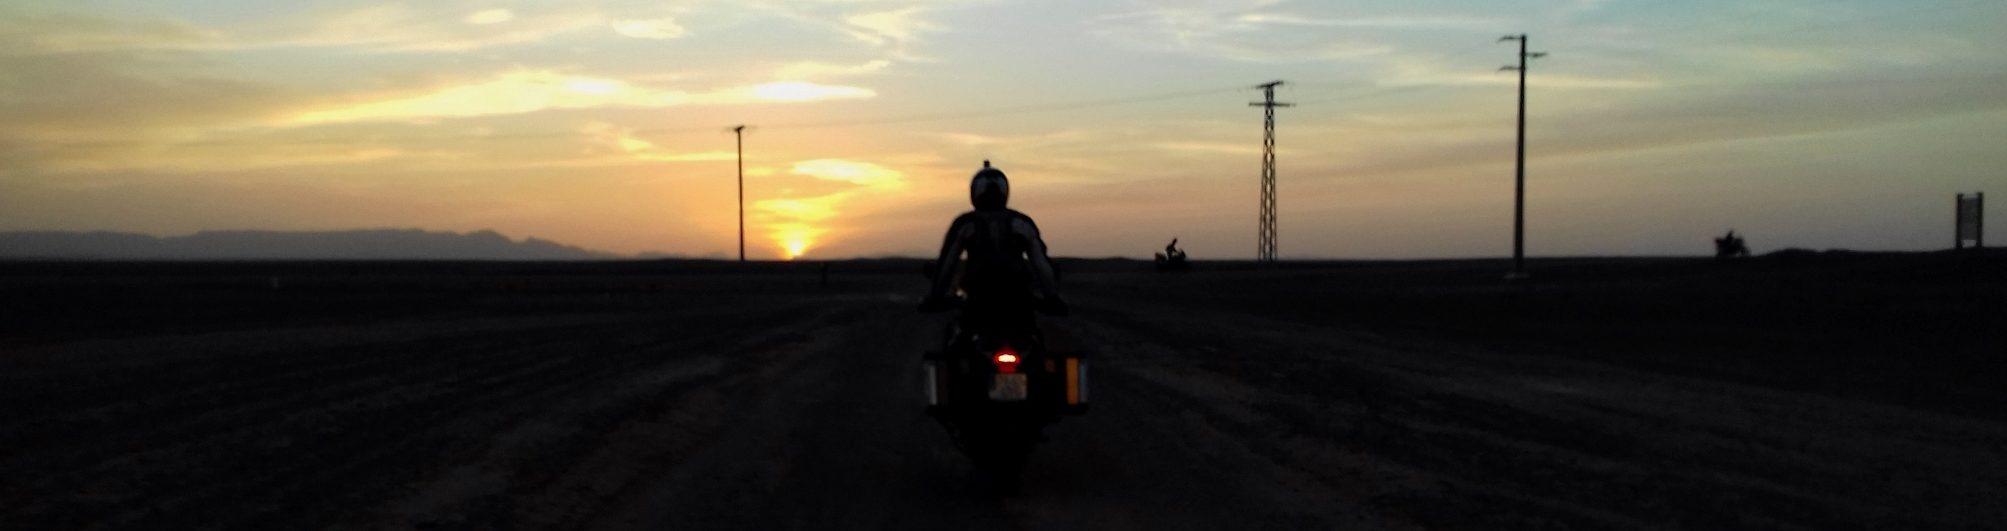 Agencia de Viajes Motos